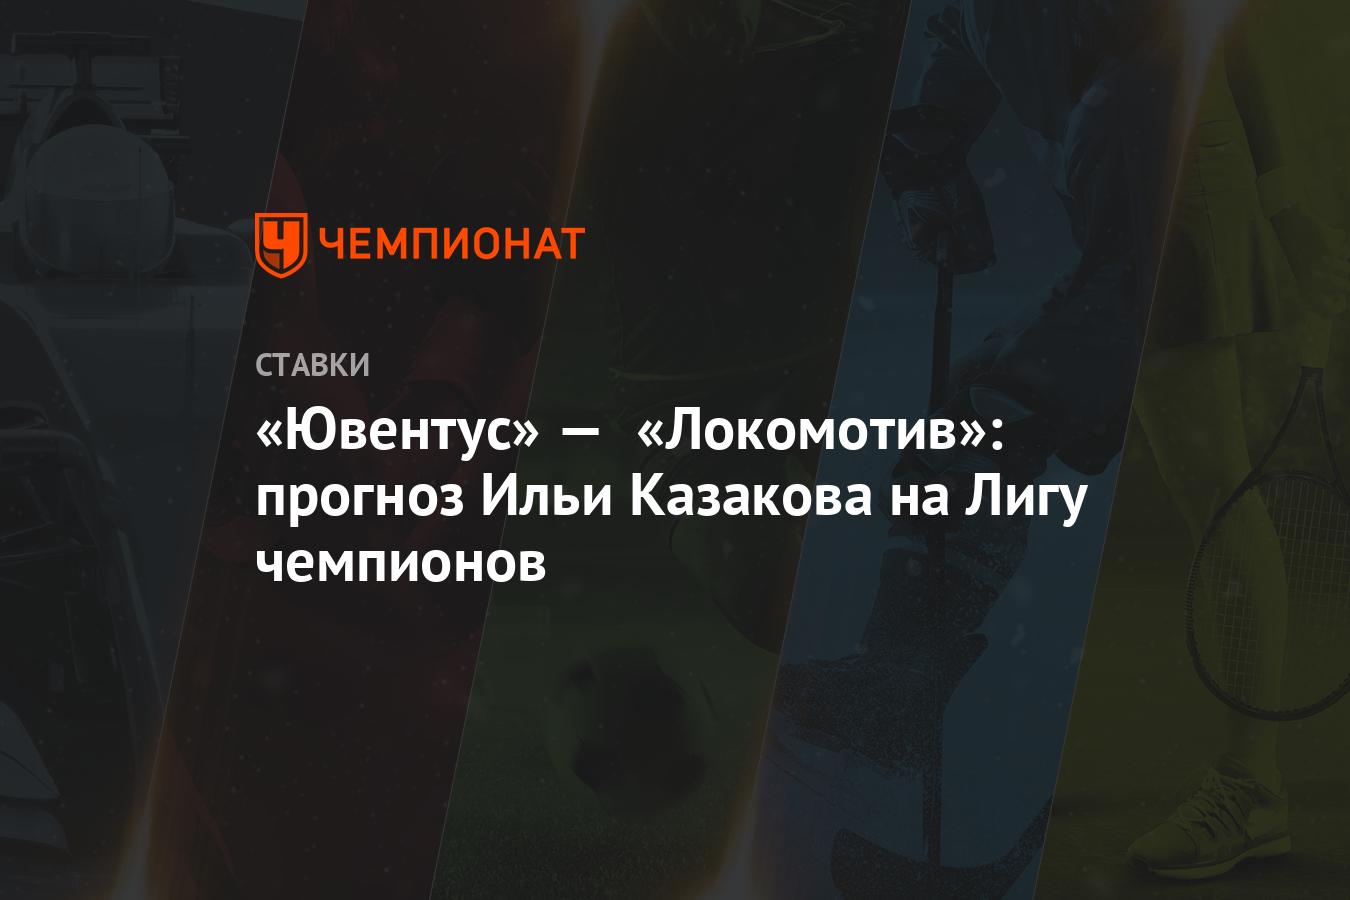 «Ювентус» — «Локомотив»: прогноз Ильи Казакова на Лигу чемпионов